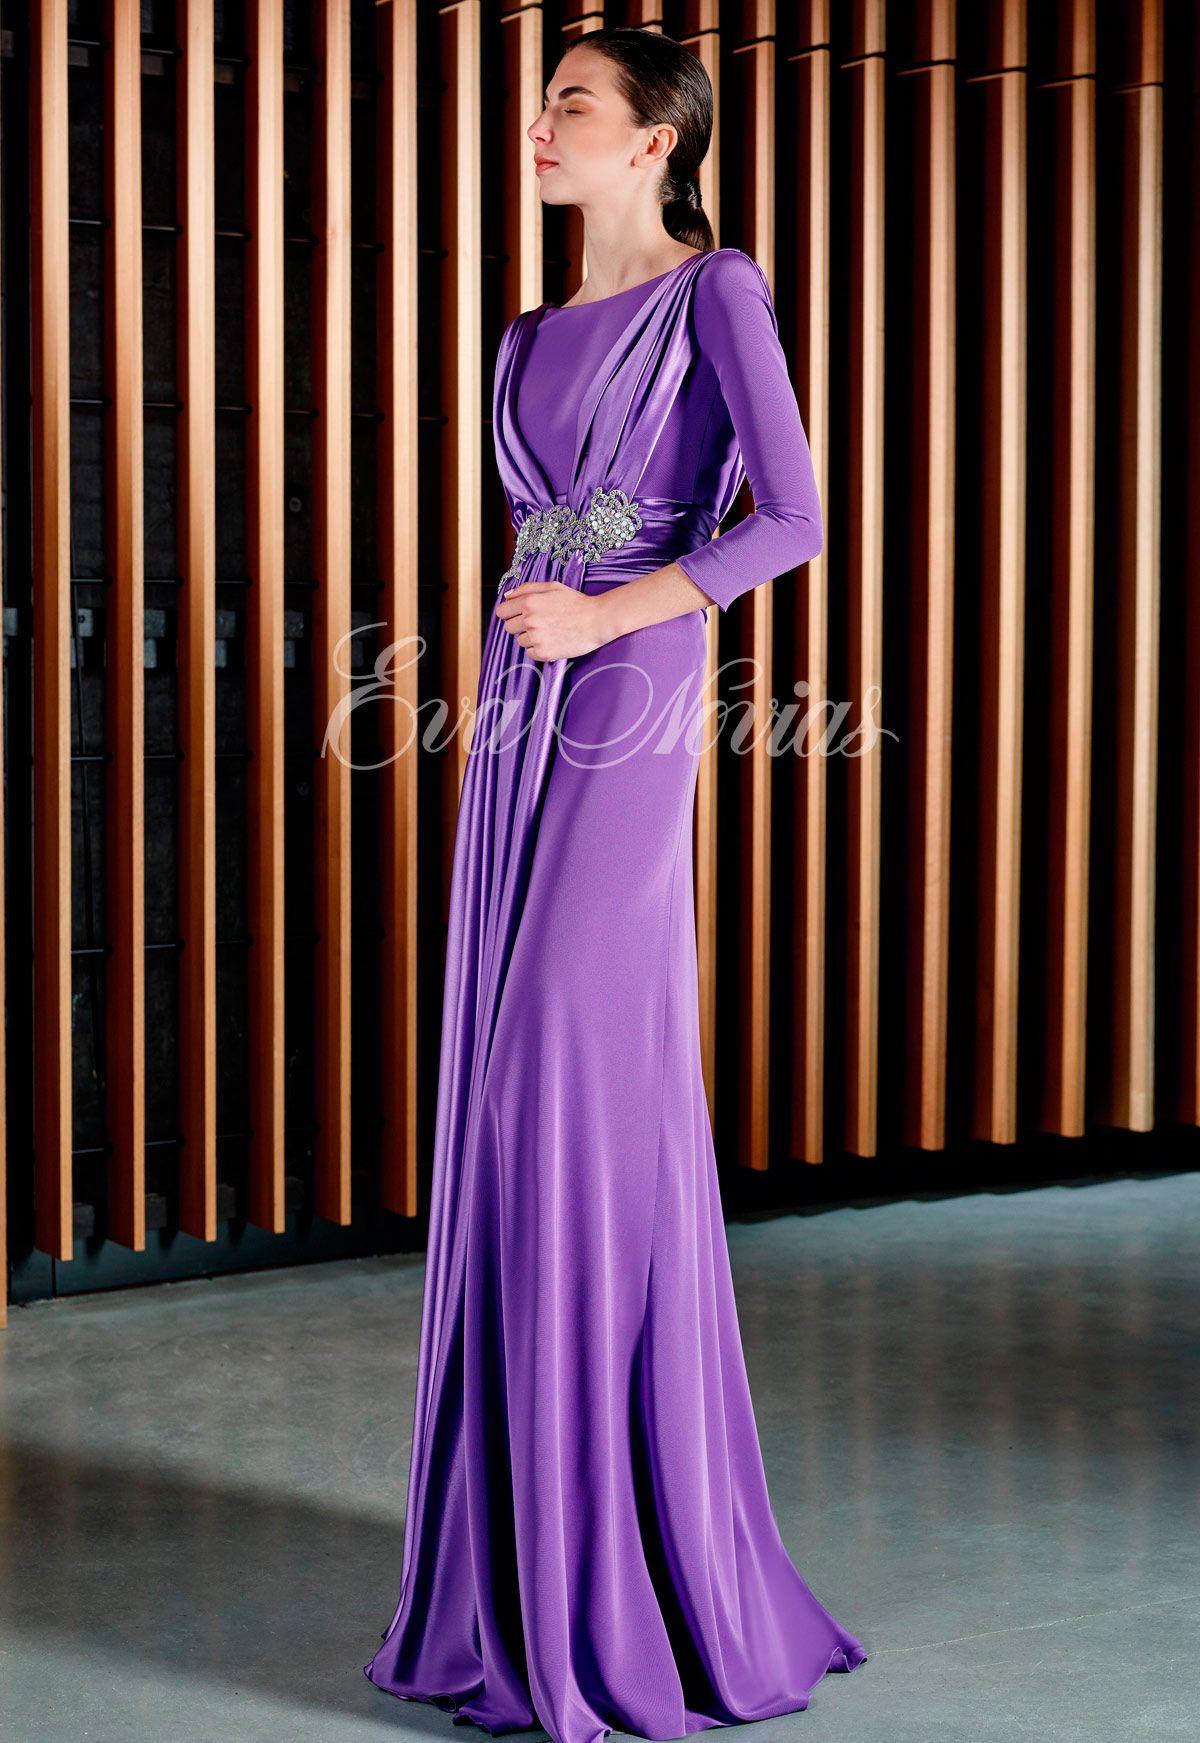 5291e457c Vestido de fiesta Patricia Avendaño 2017 Modelo 3048 en Eva Novias Madrid.   dress  vestido  fiesta  moda  fashion  ceremonia  gala  tendencia